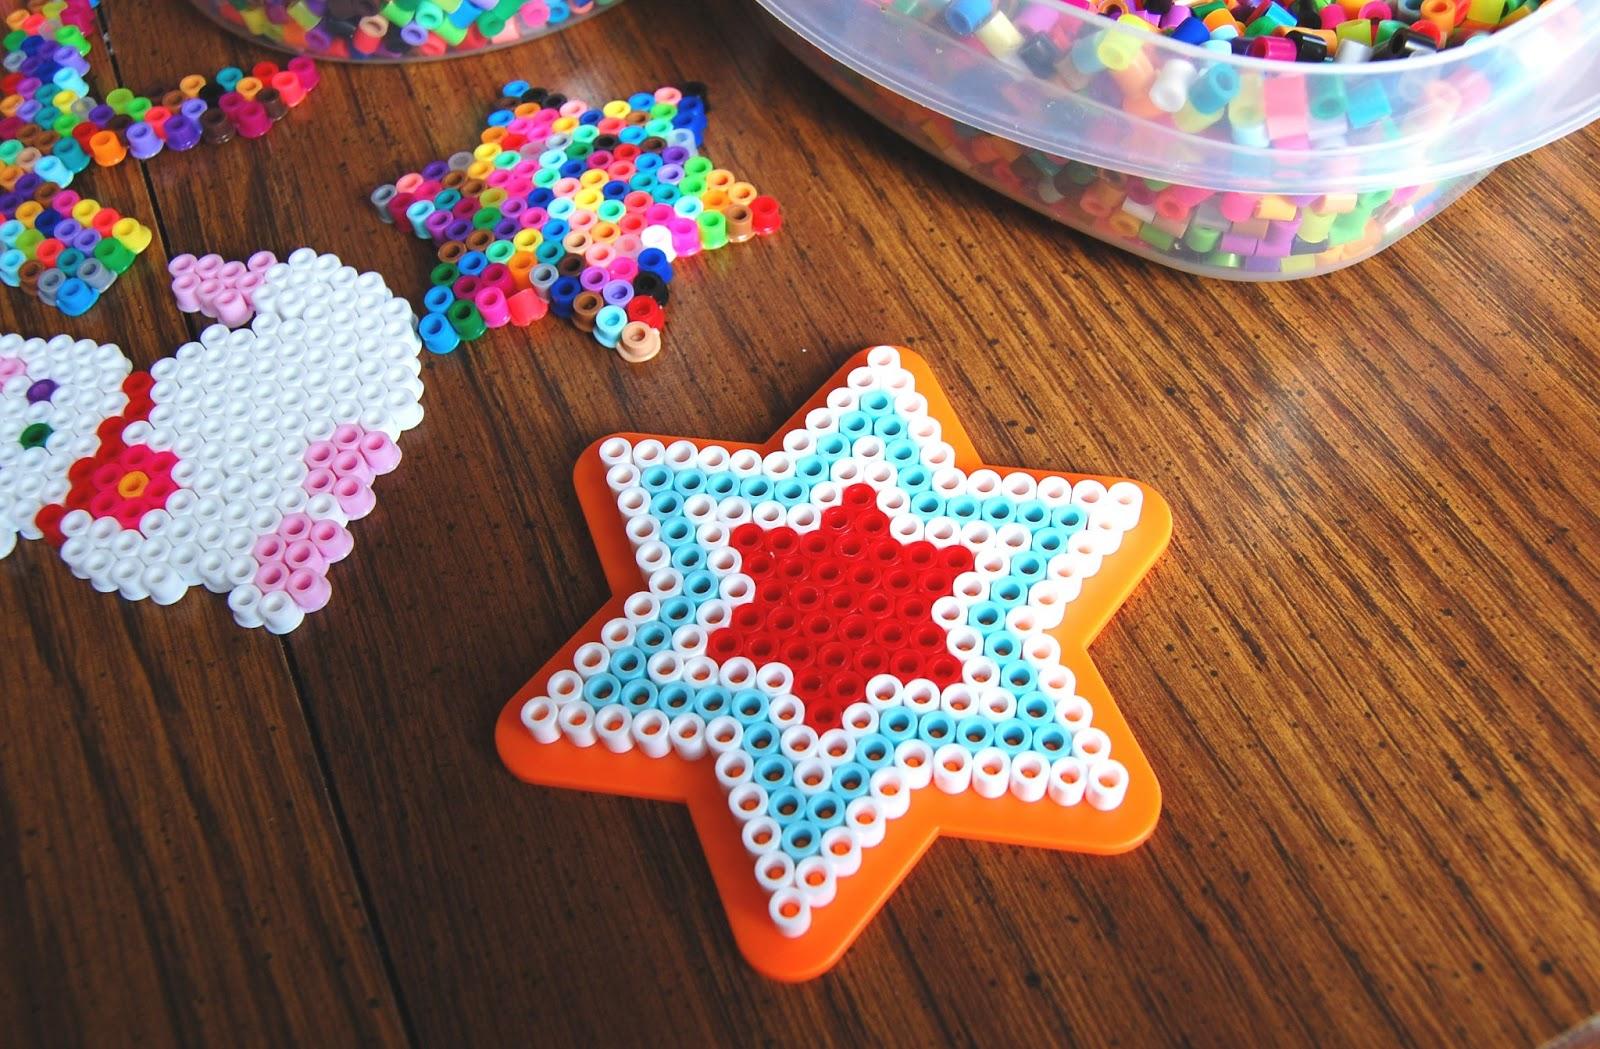 Plastic beads for crafts - Plastic Beads For Crafts Plastic Beads For Crafts Iron Crafts Beads Iron Beads Craft You